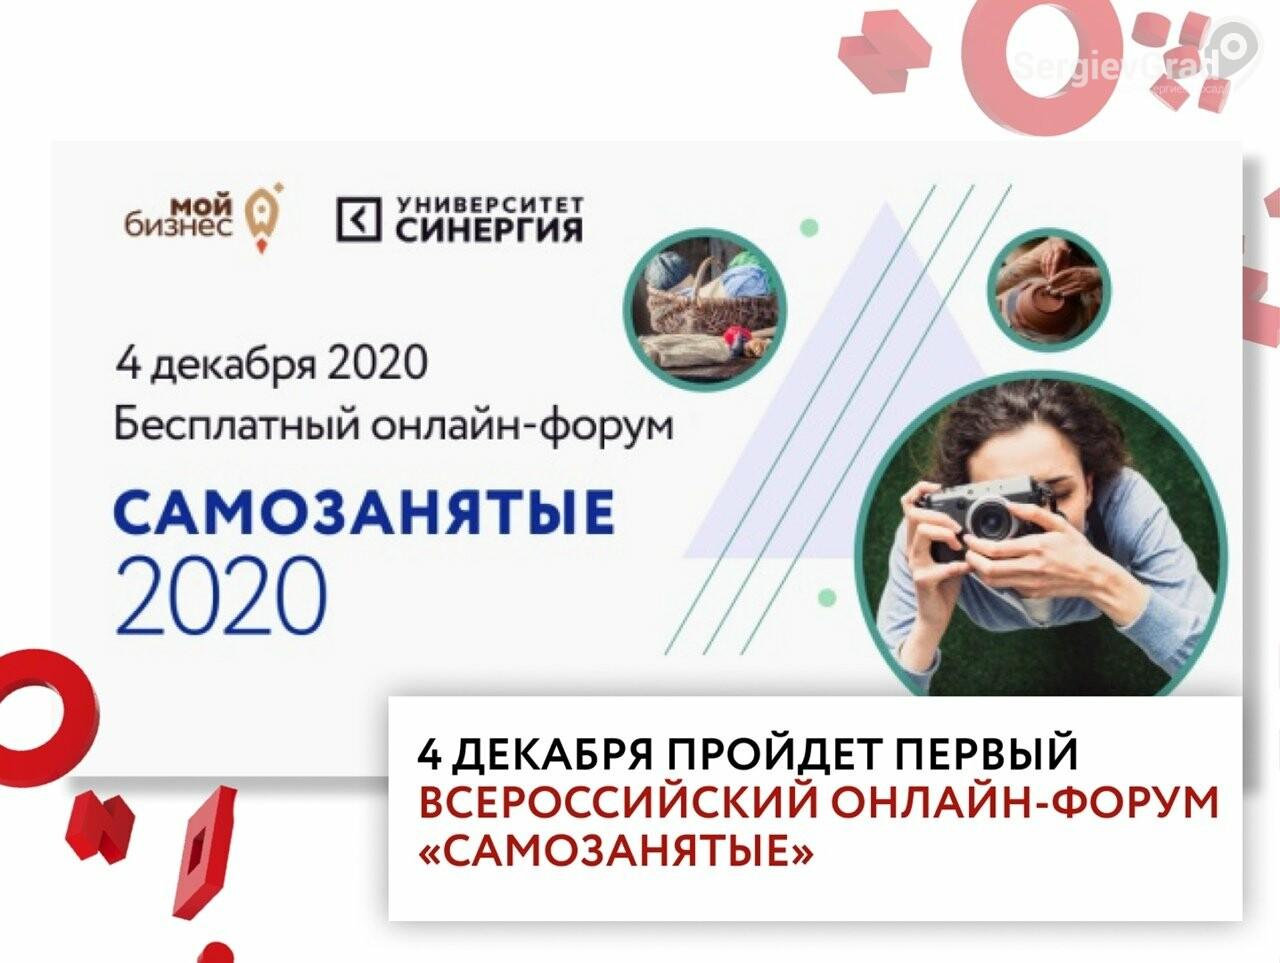 Всероссийский онлайн-форум для самозанятых пройдёт на 4 декабря